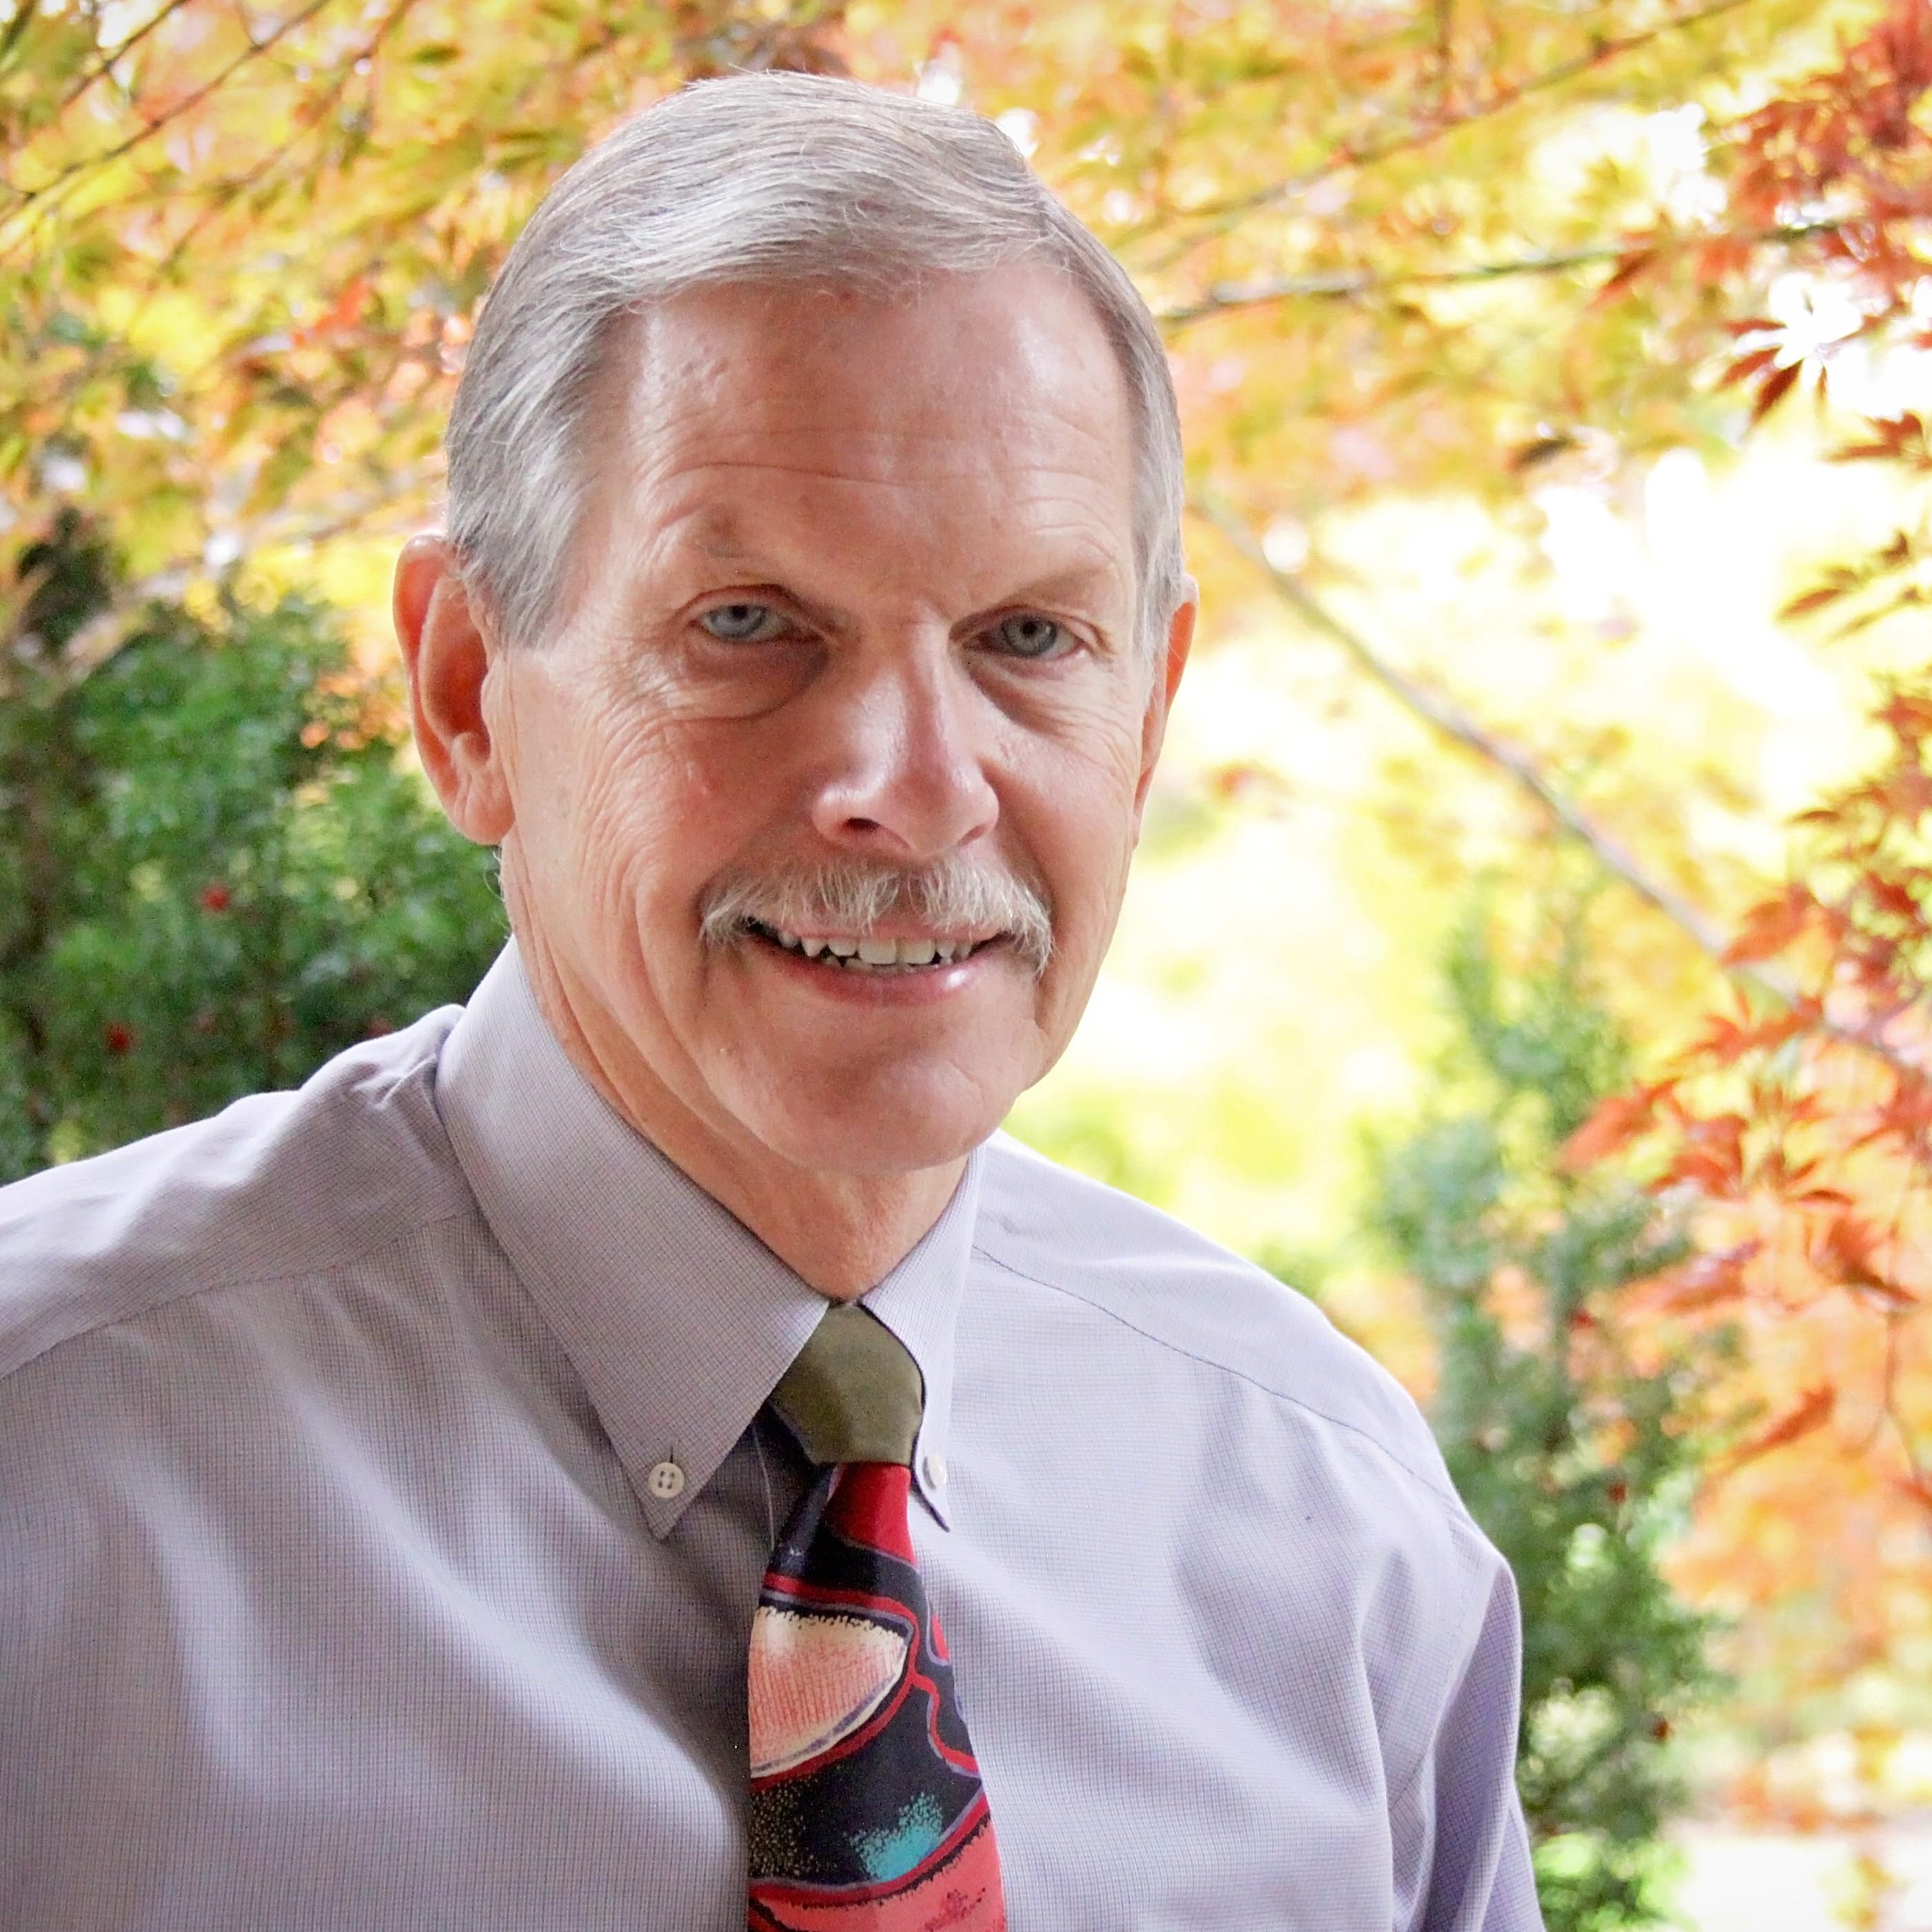 Patrick E. Poce